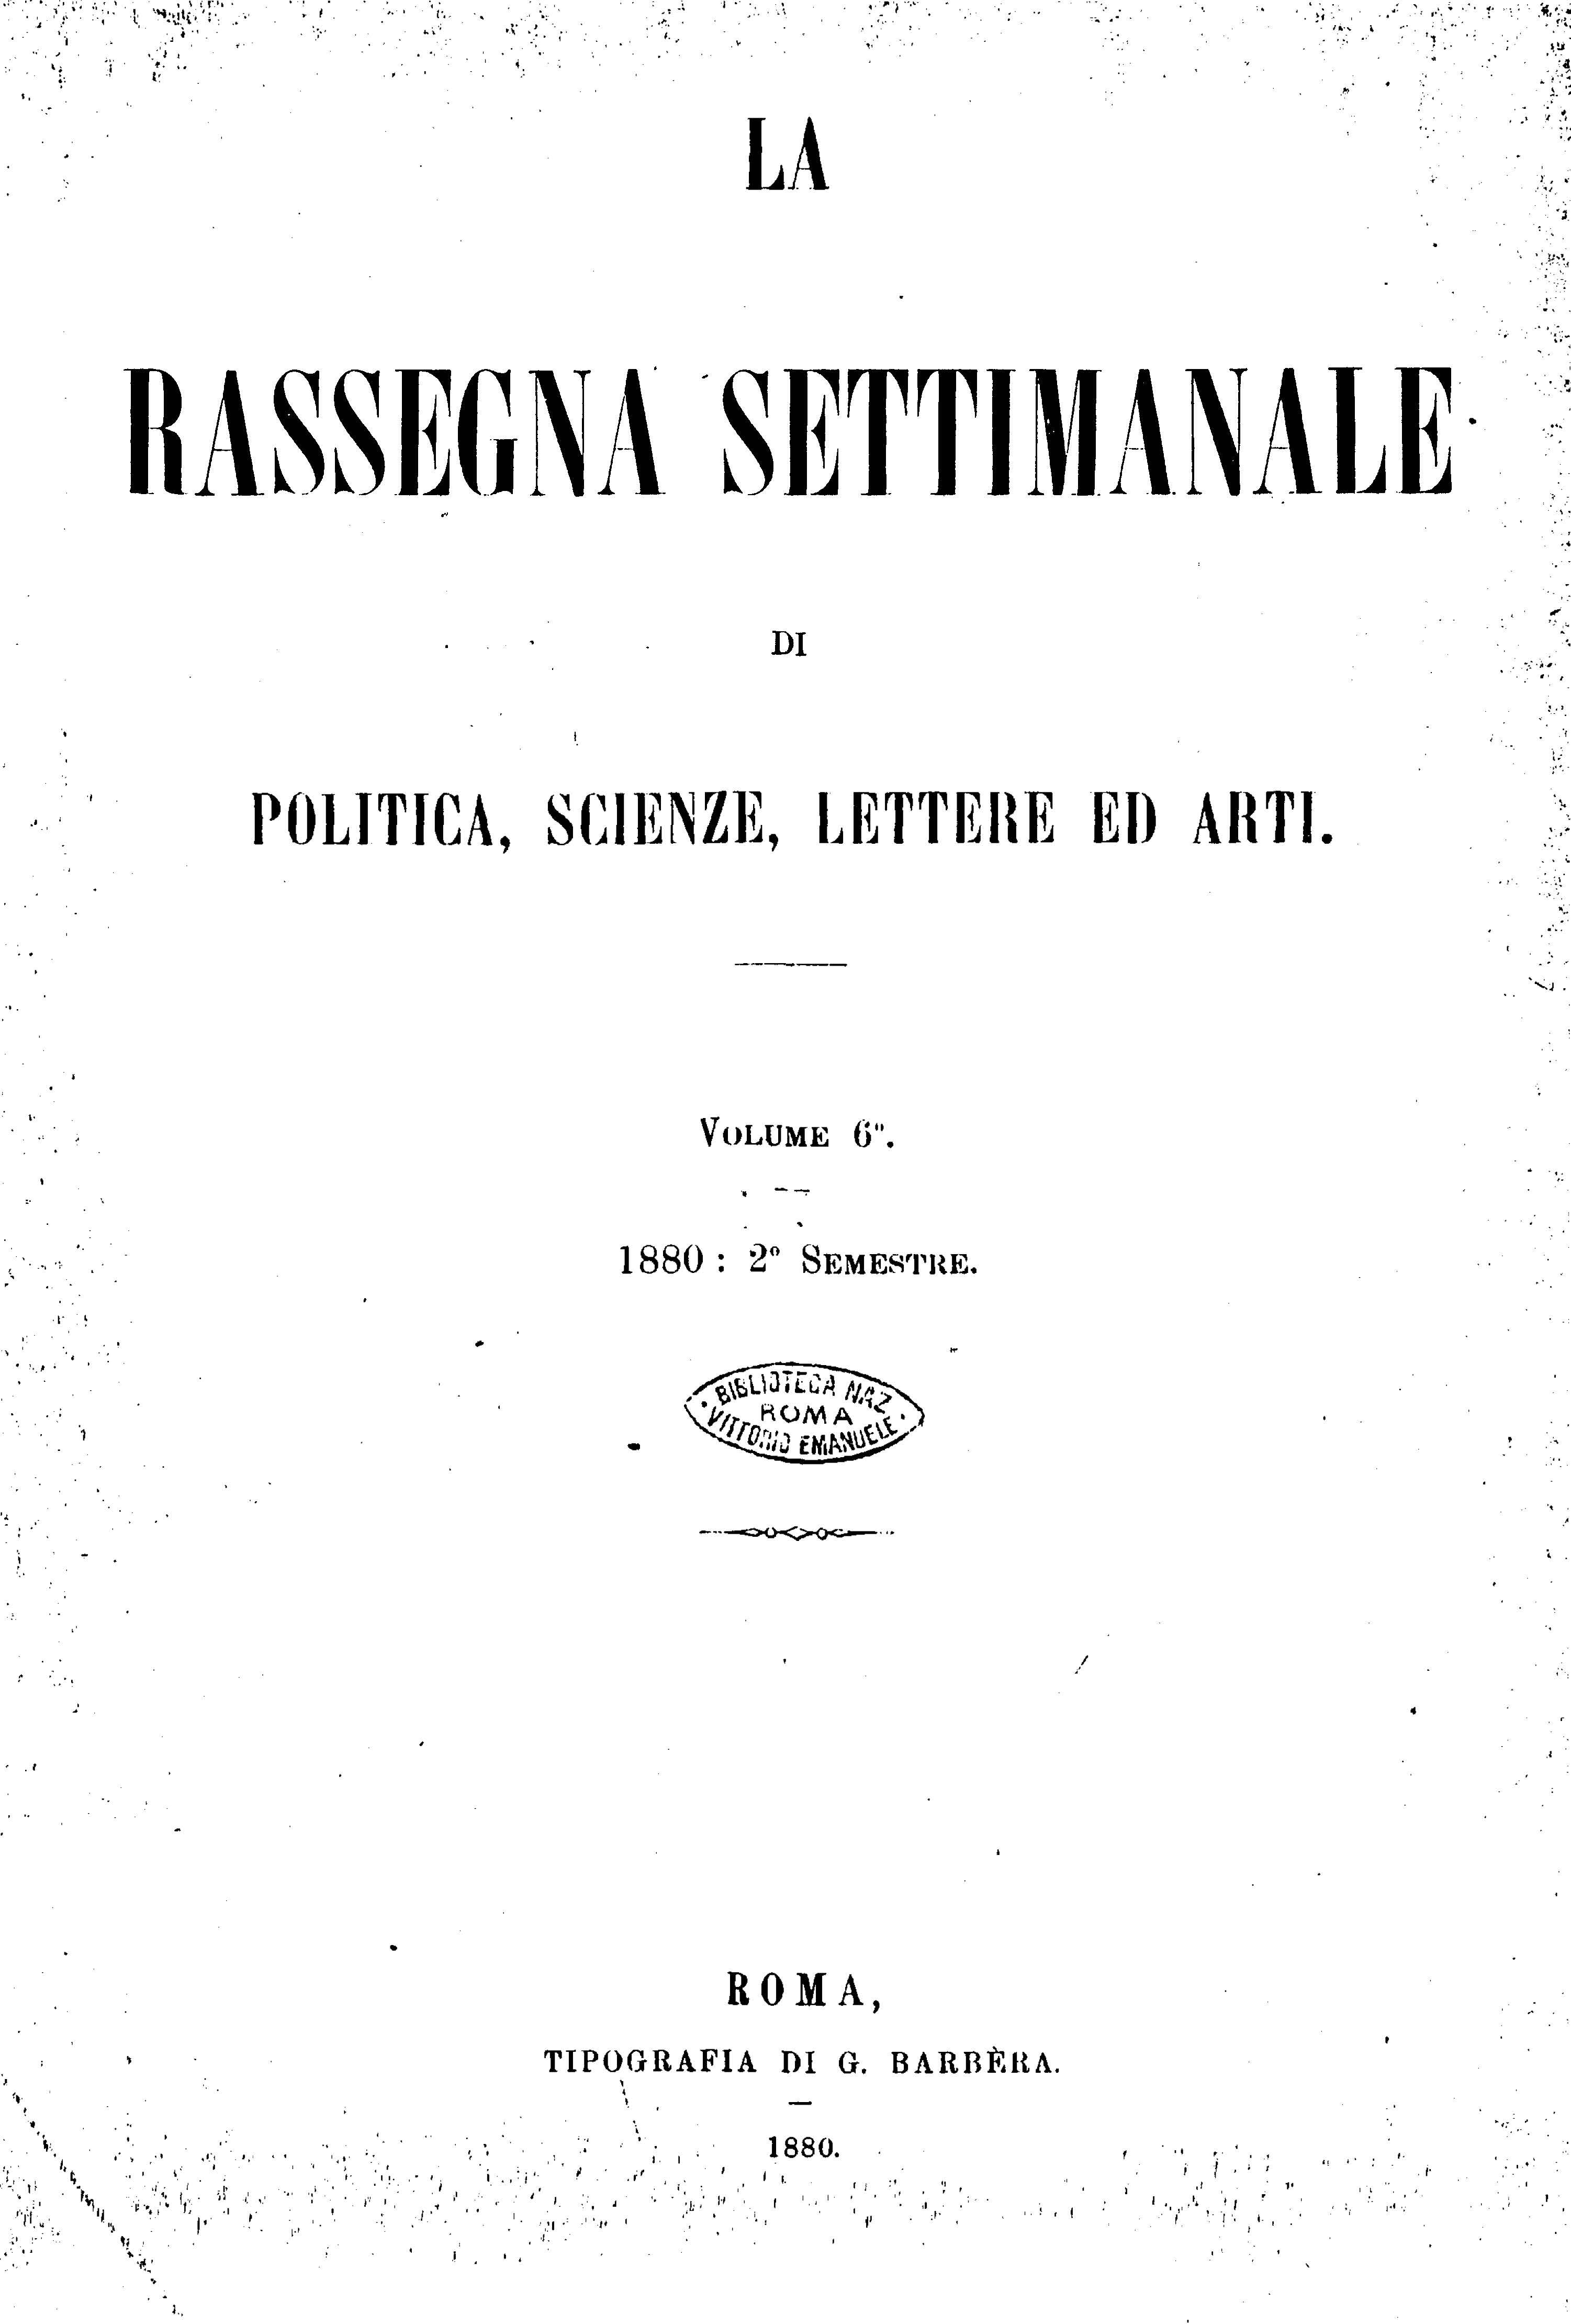 Fascicolo 148 - Volume 6 - 1880 - Semestre 2 - Trimestre 2